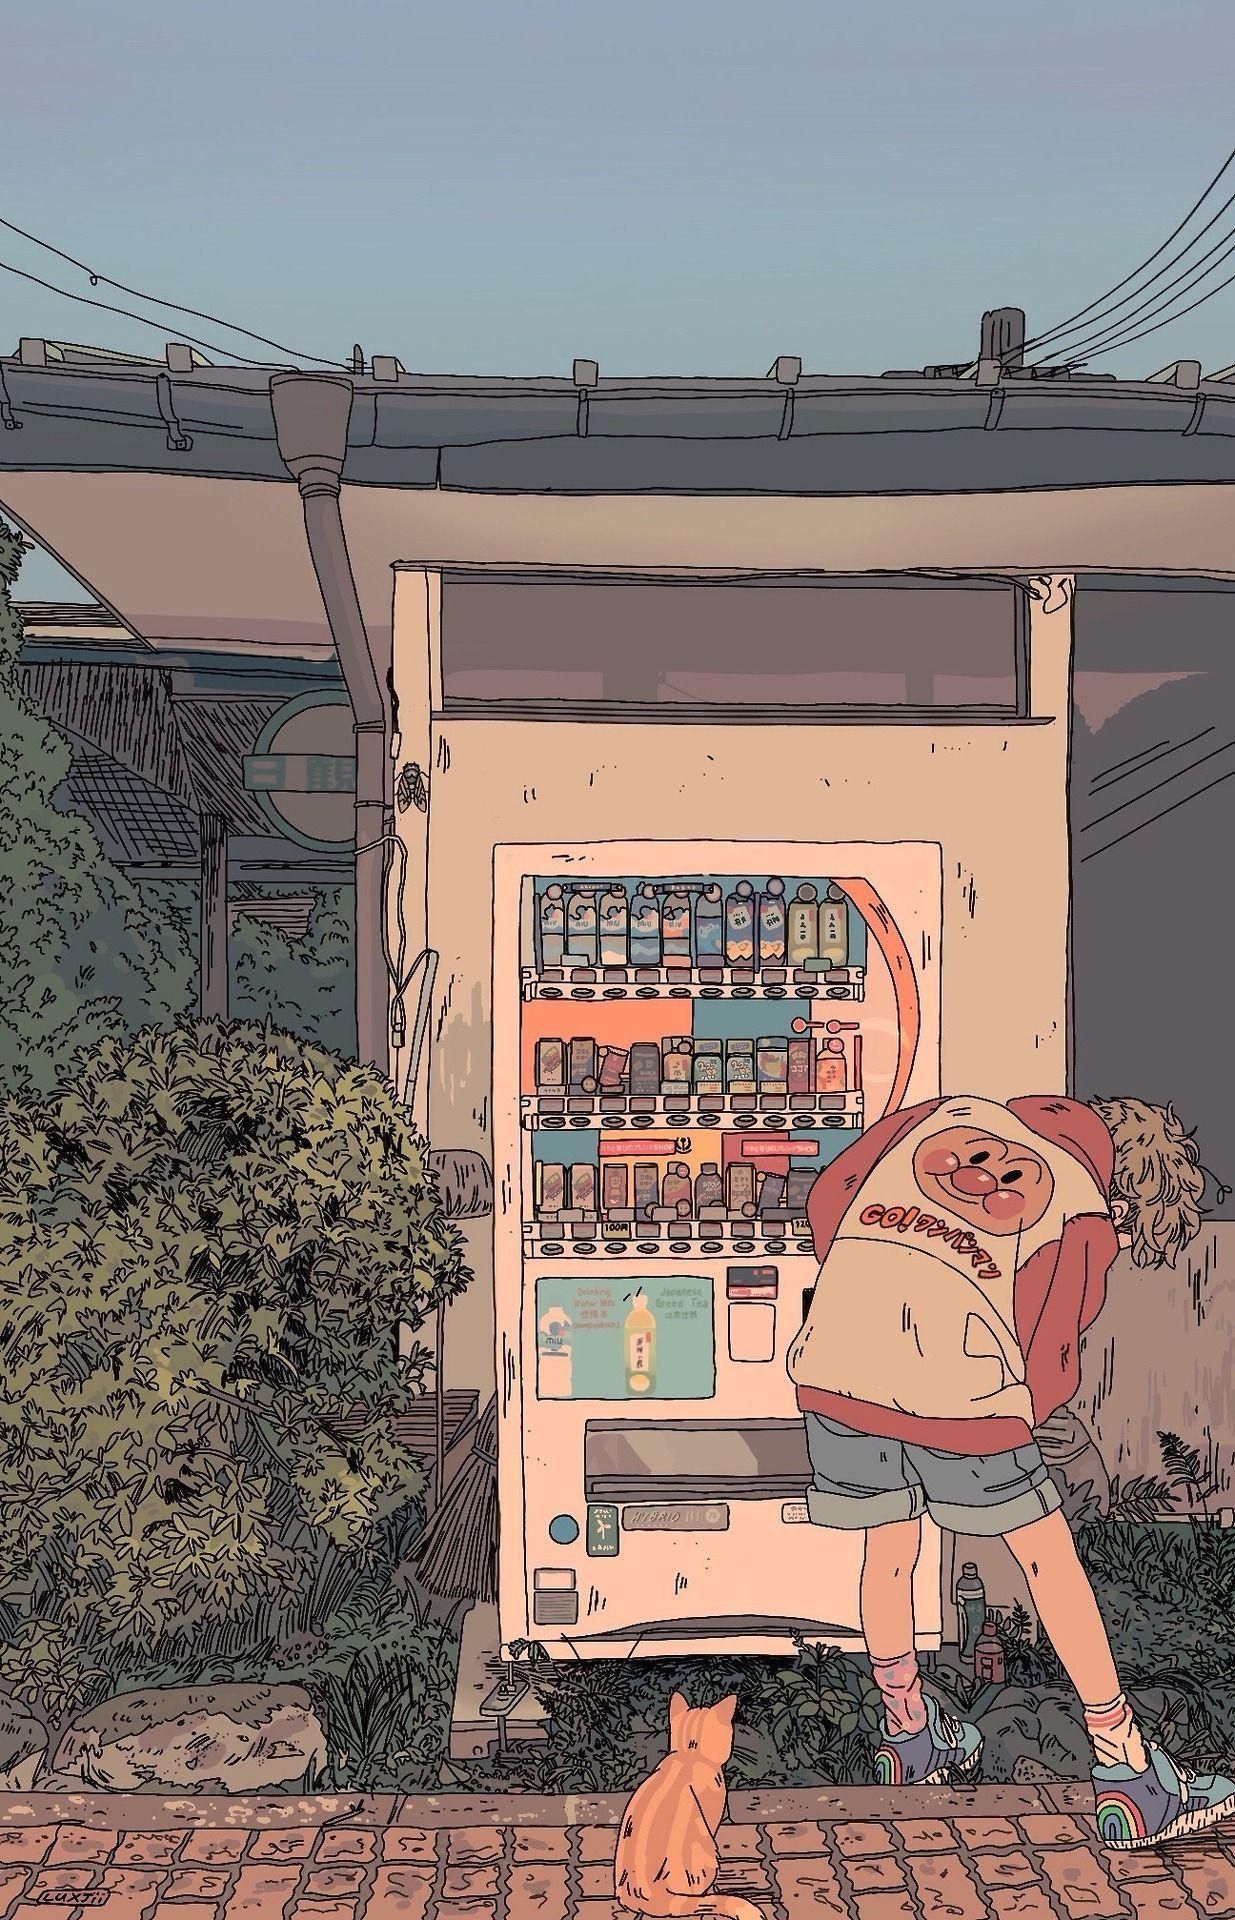 - Anime